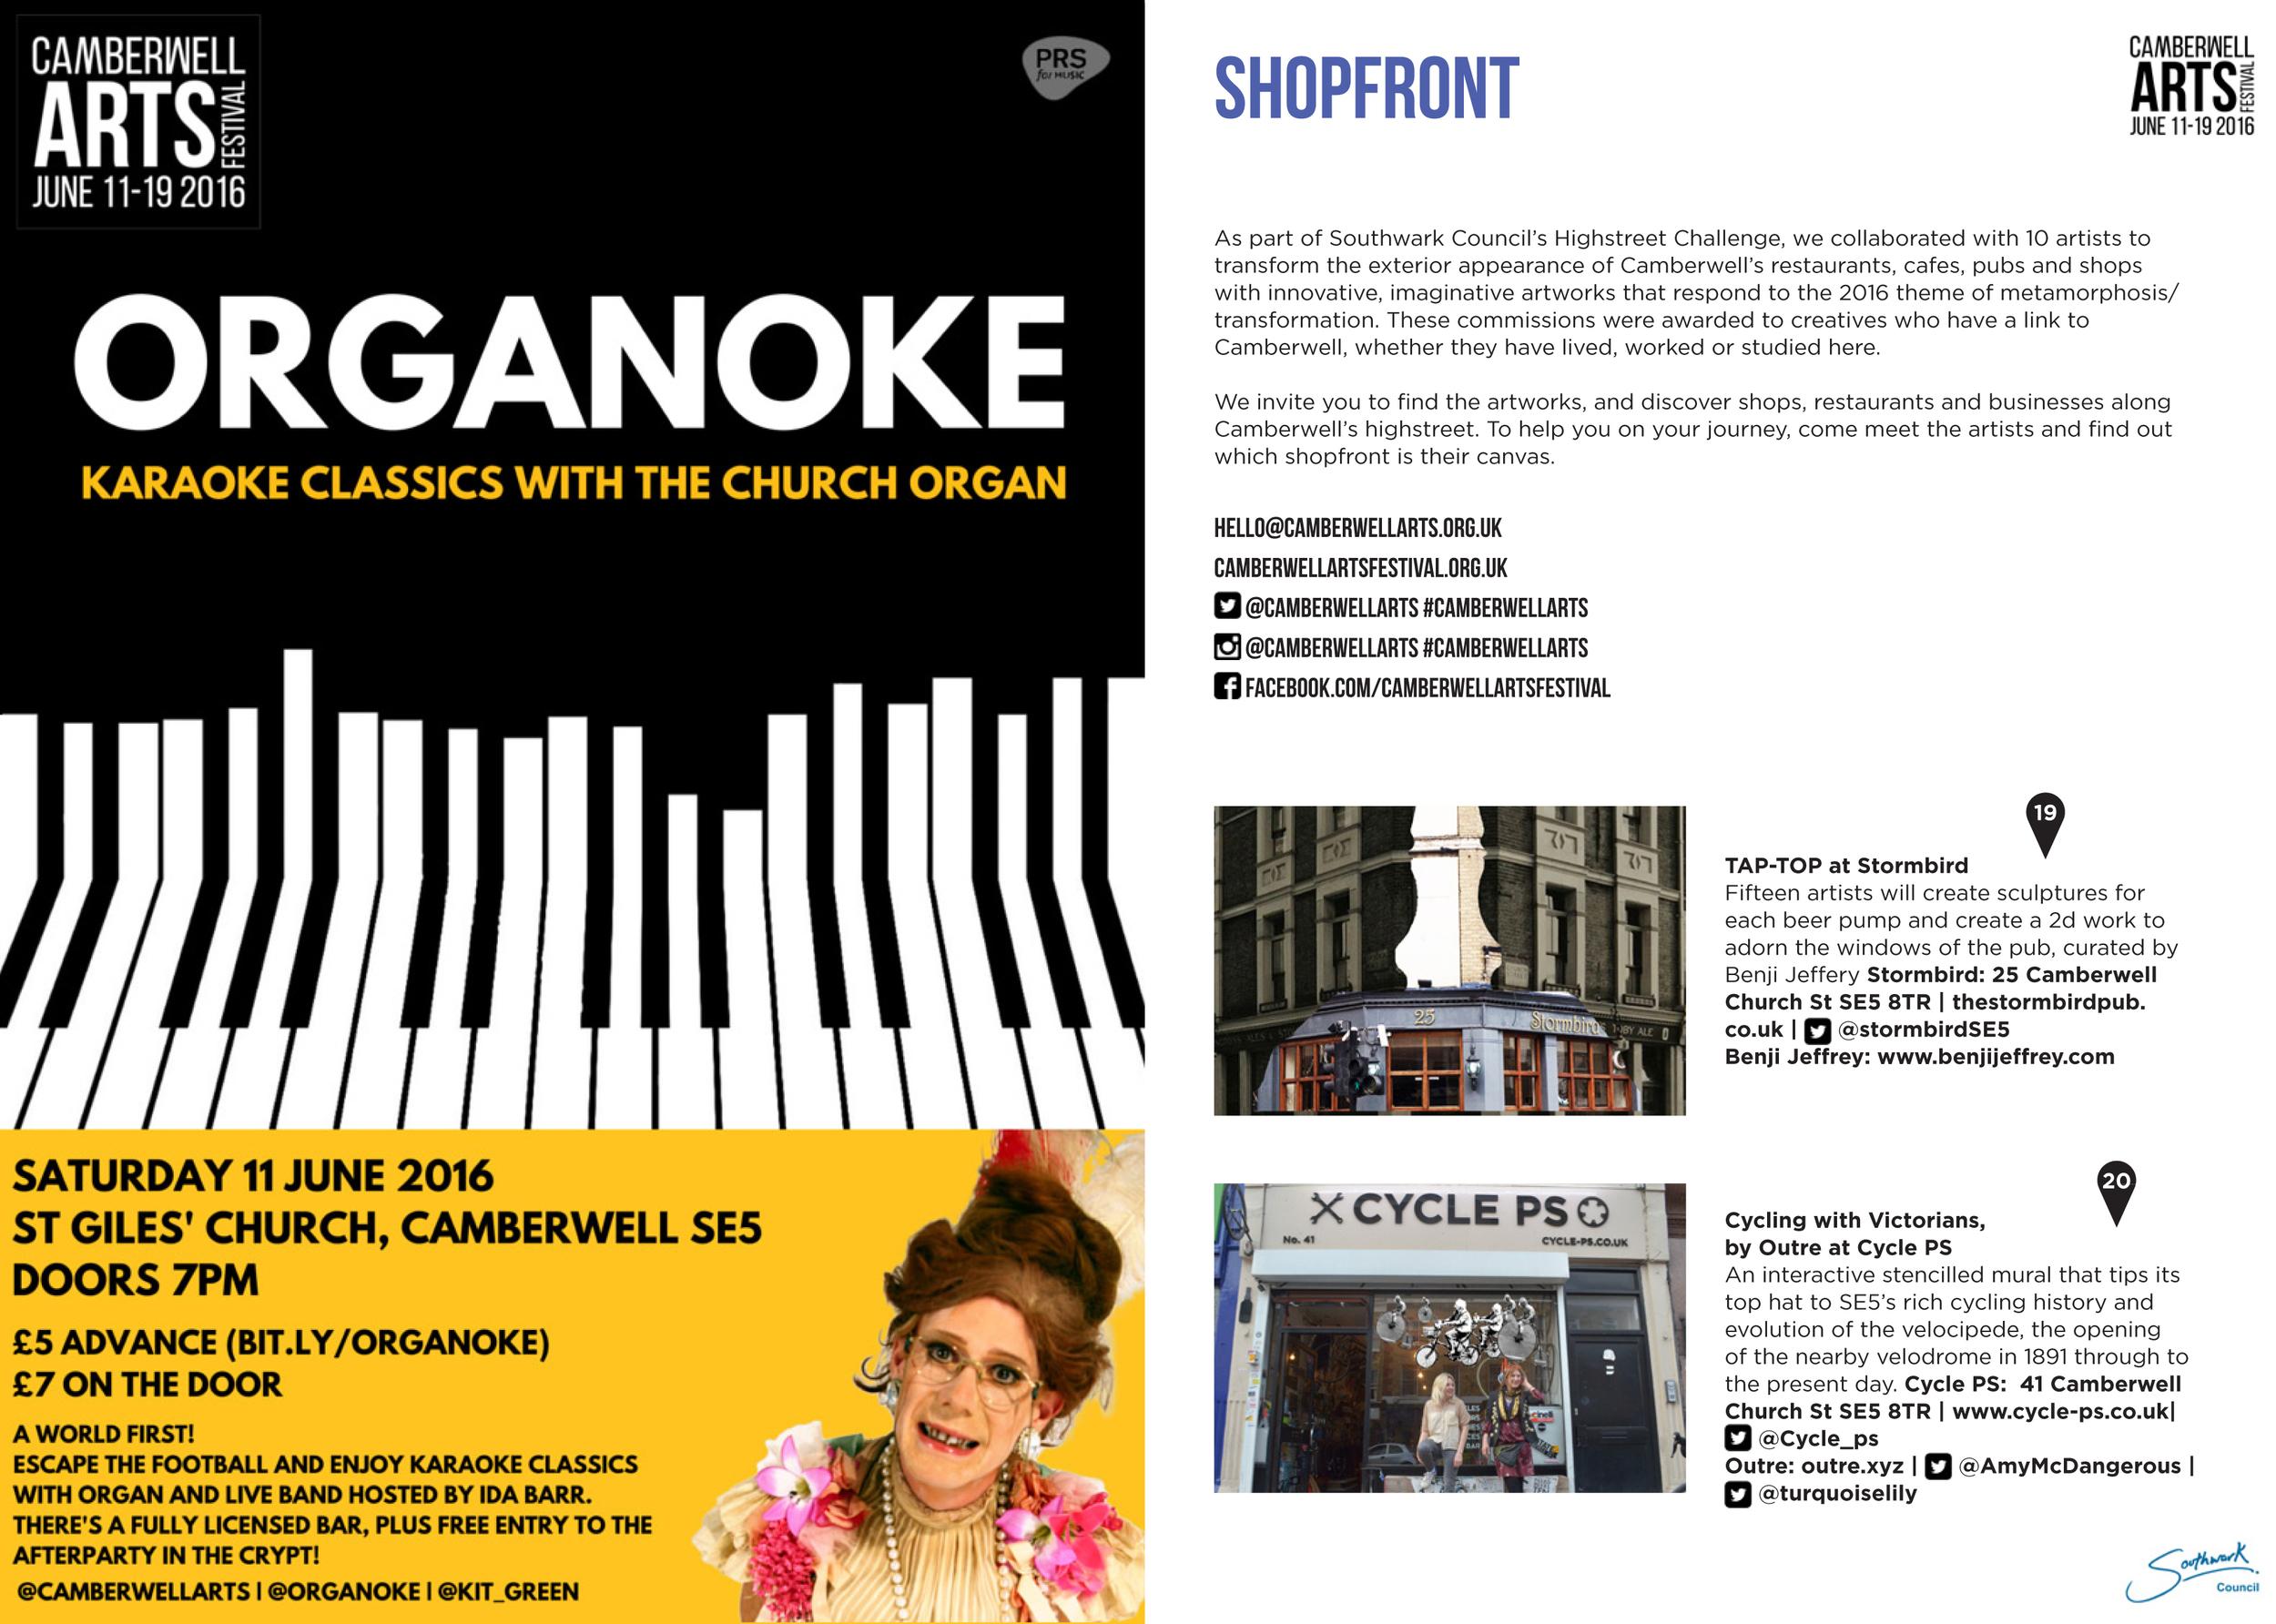 CA_whole_brochure_Festival_Organoke&Shopfront-5.jpg